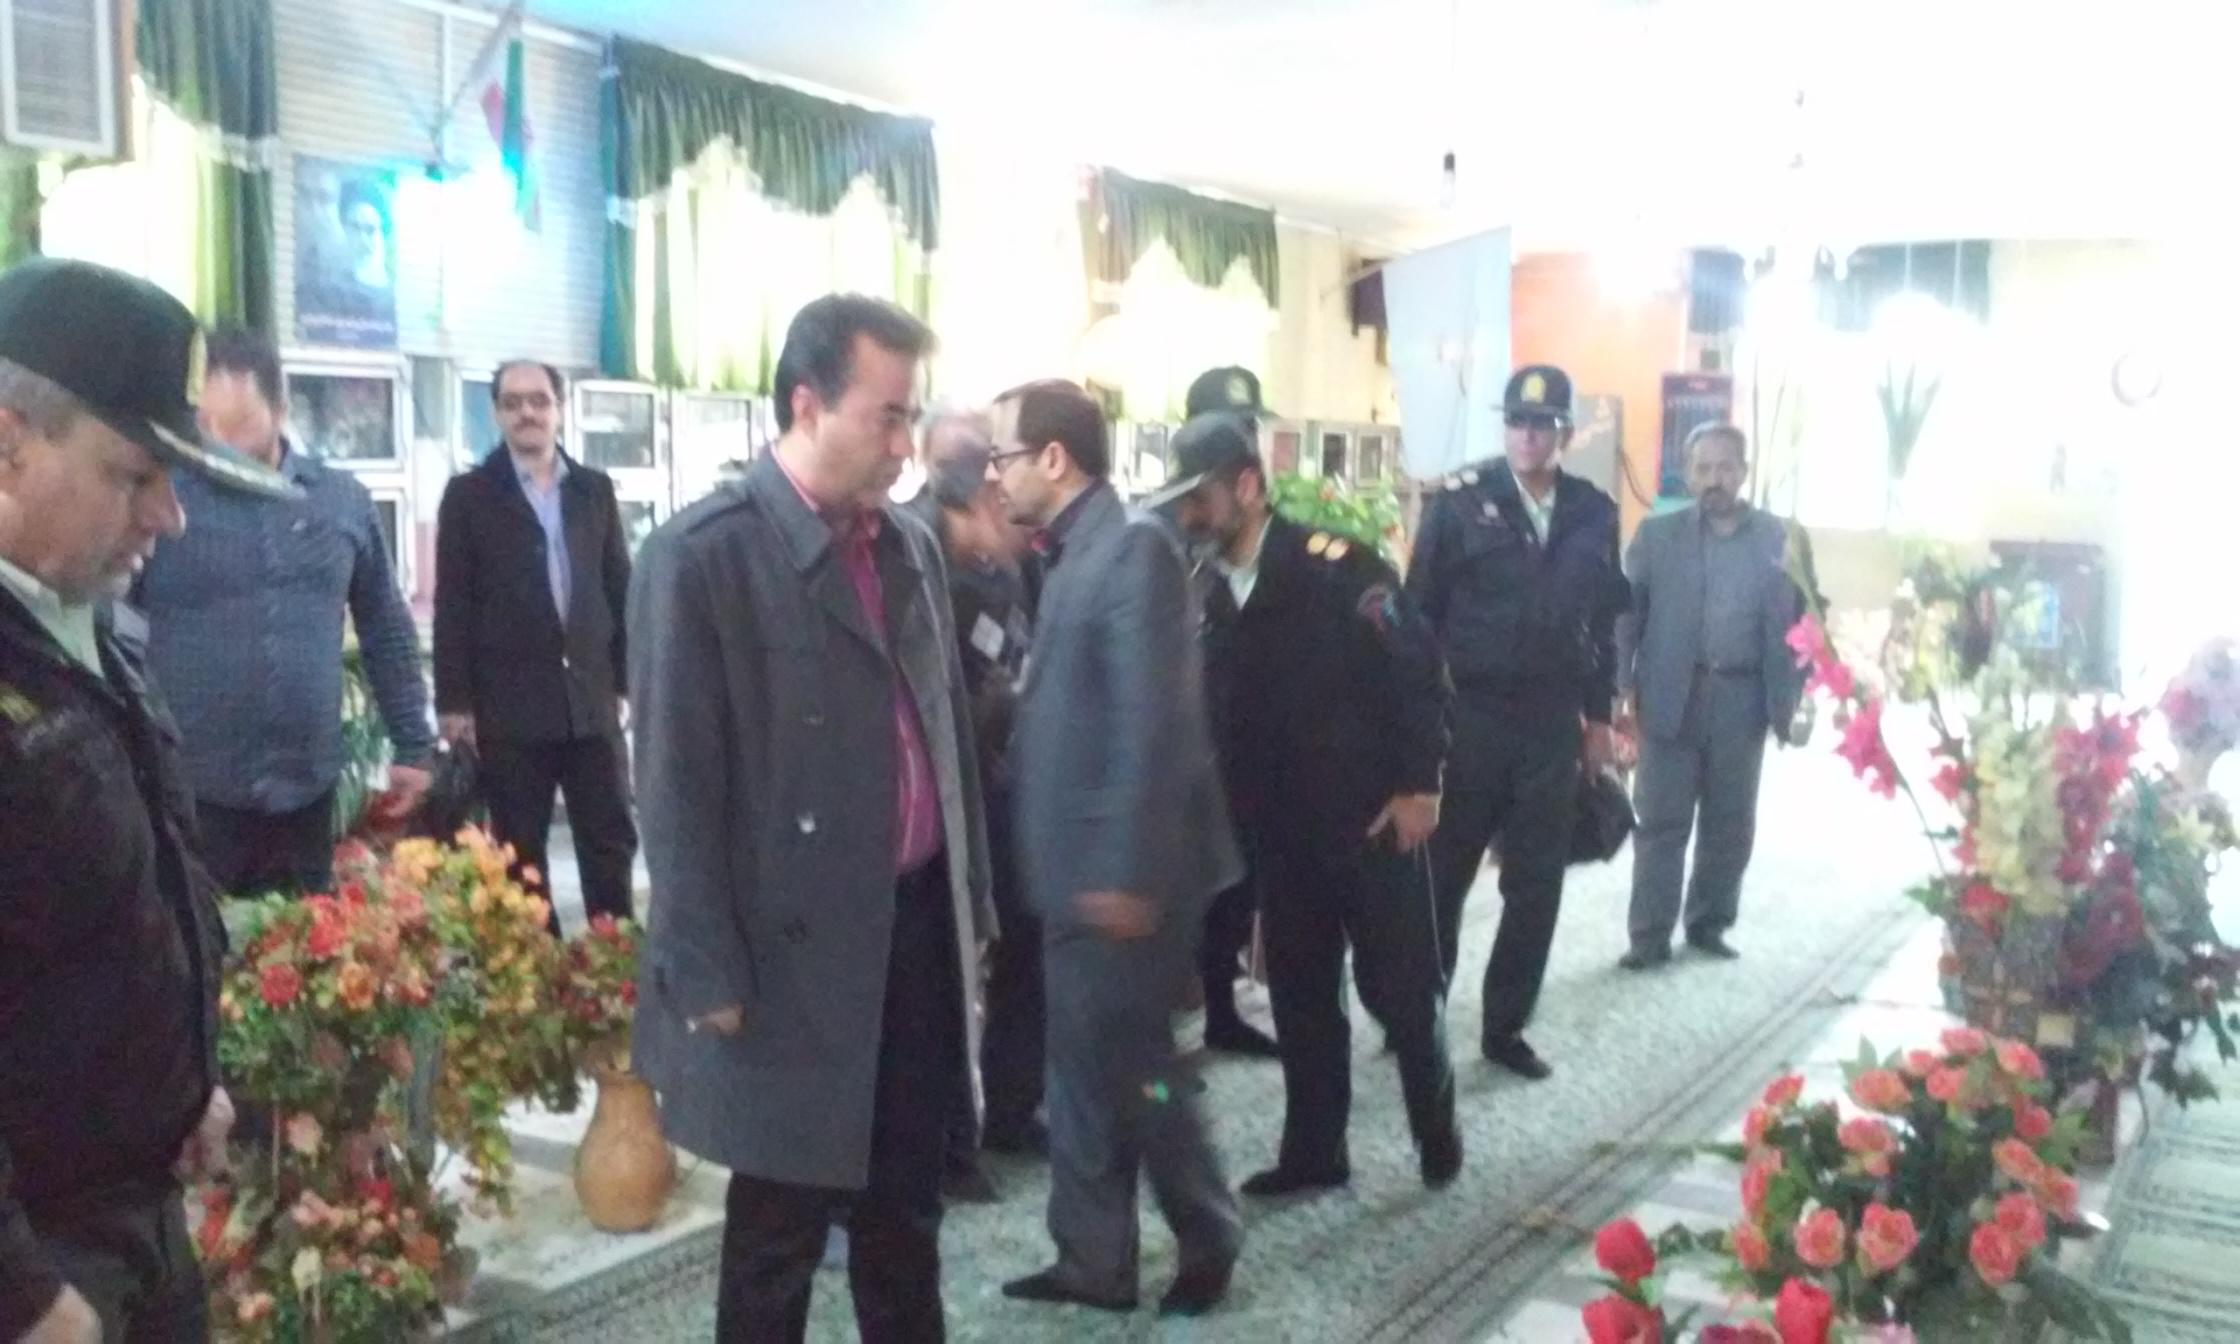 حضور شهردار ورامین در غبارروبی مزار شهدای سید فتح اله ورامین به مناسبت «روز شهید»